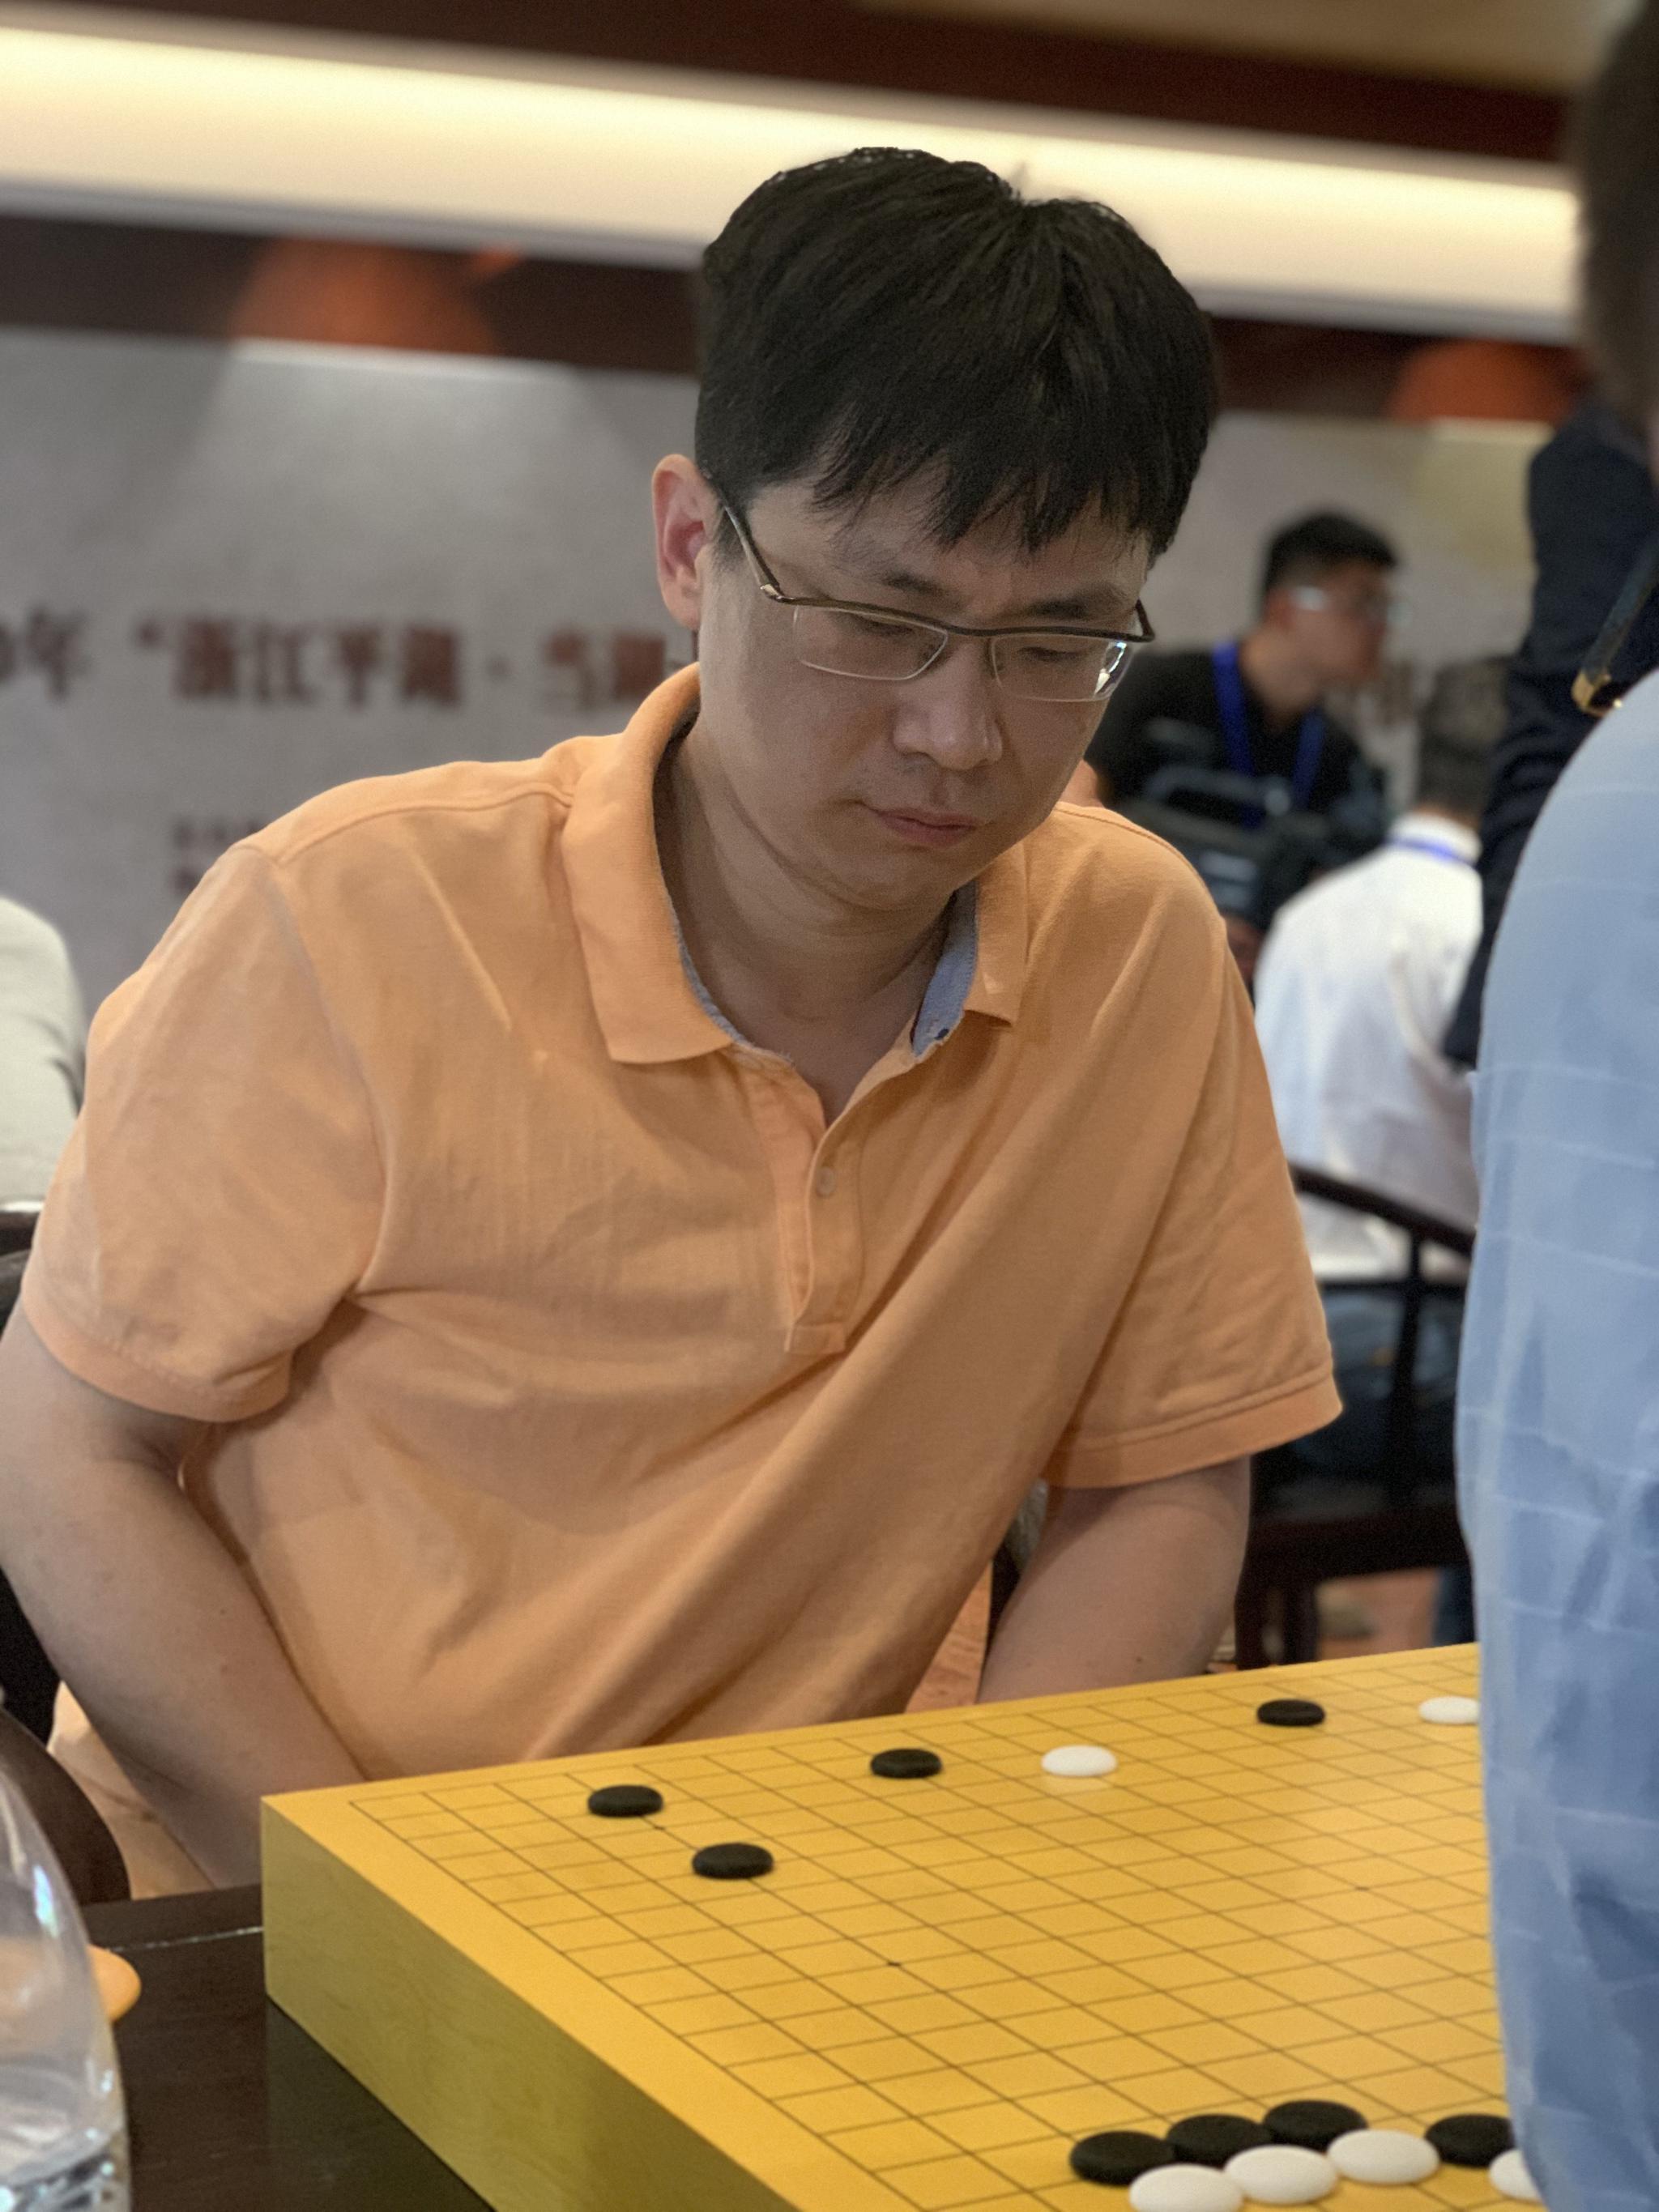 33岁的孟泰龄是一名大器晚成的棋手。新京报记者 孙海光 摄